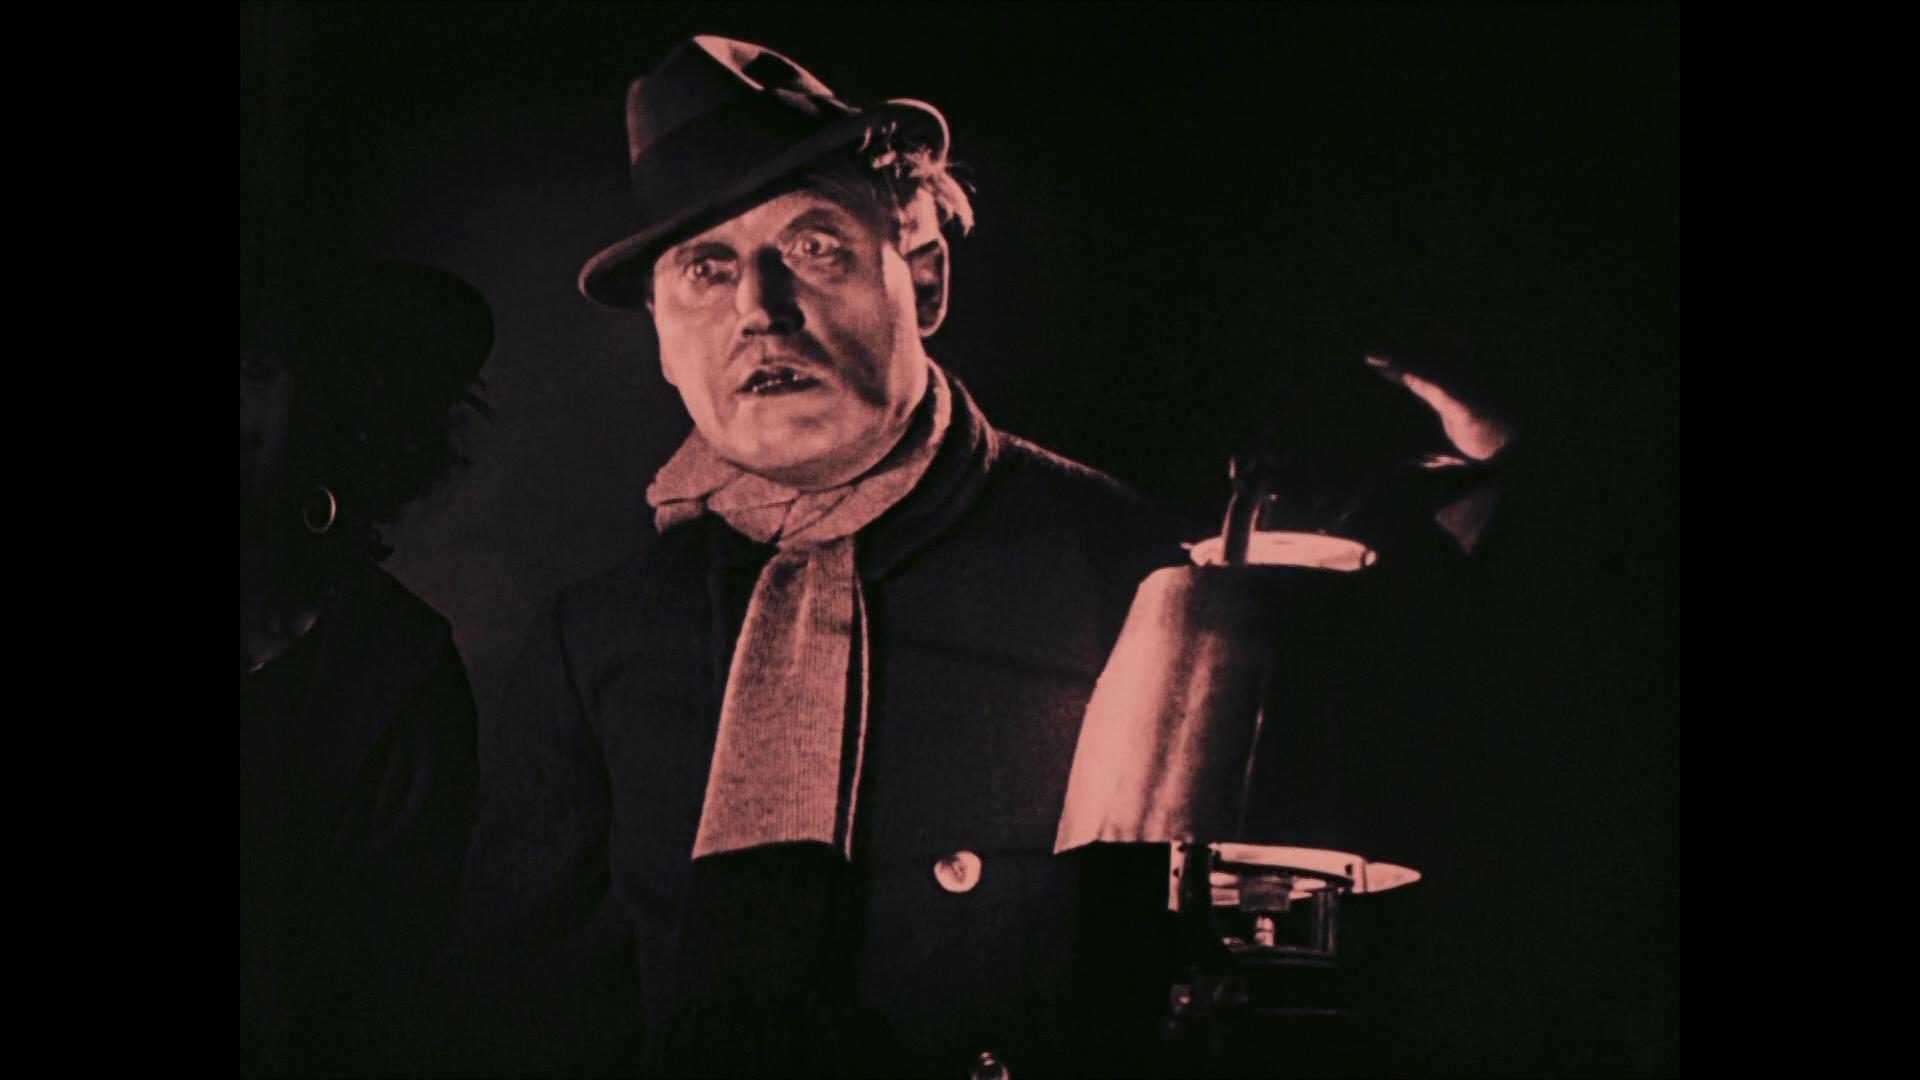 Werner Krauss est Jack l'éventreur dans Das Wachsfigurenkabinett (Le cabinet des figures de cire, 1924) de Paul Leni